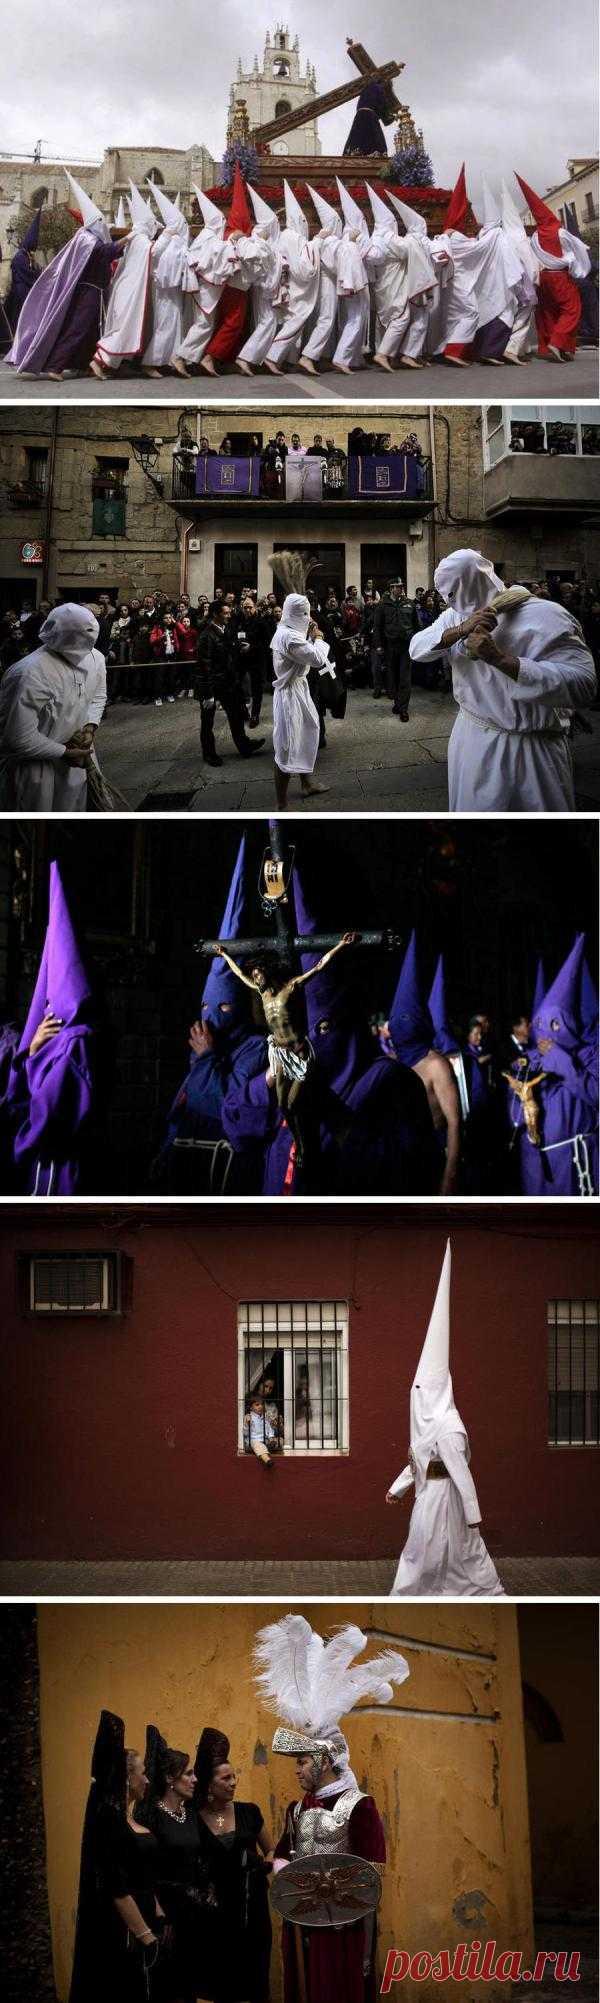 Севилья, Испания. Здесь во время Страстной недели проходит массовая процессия Братства кающихся грешников